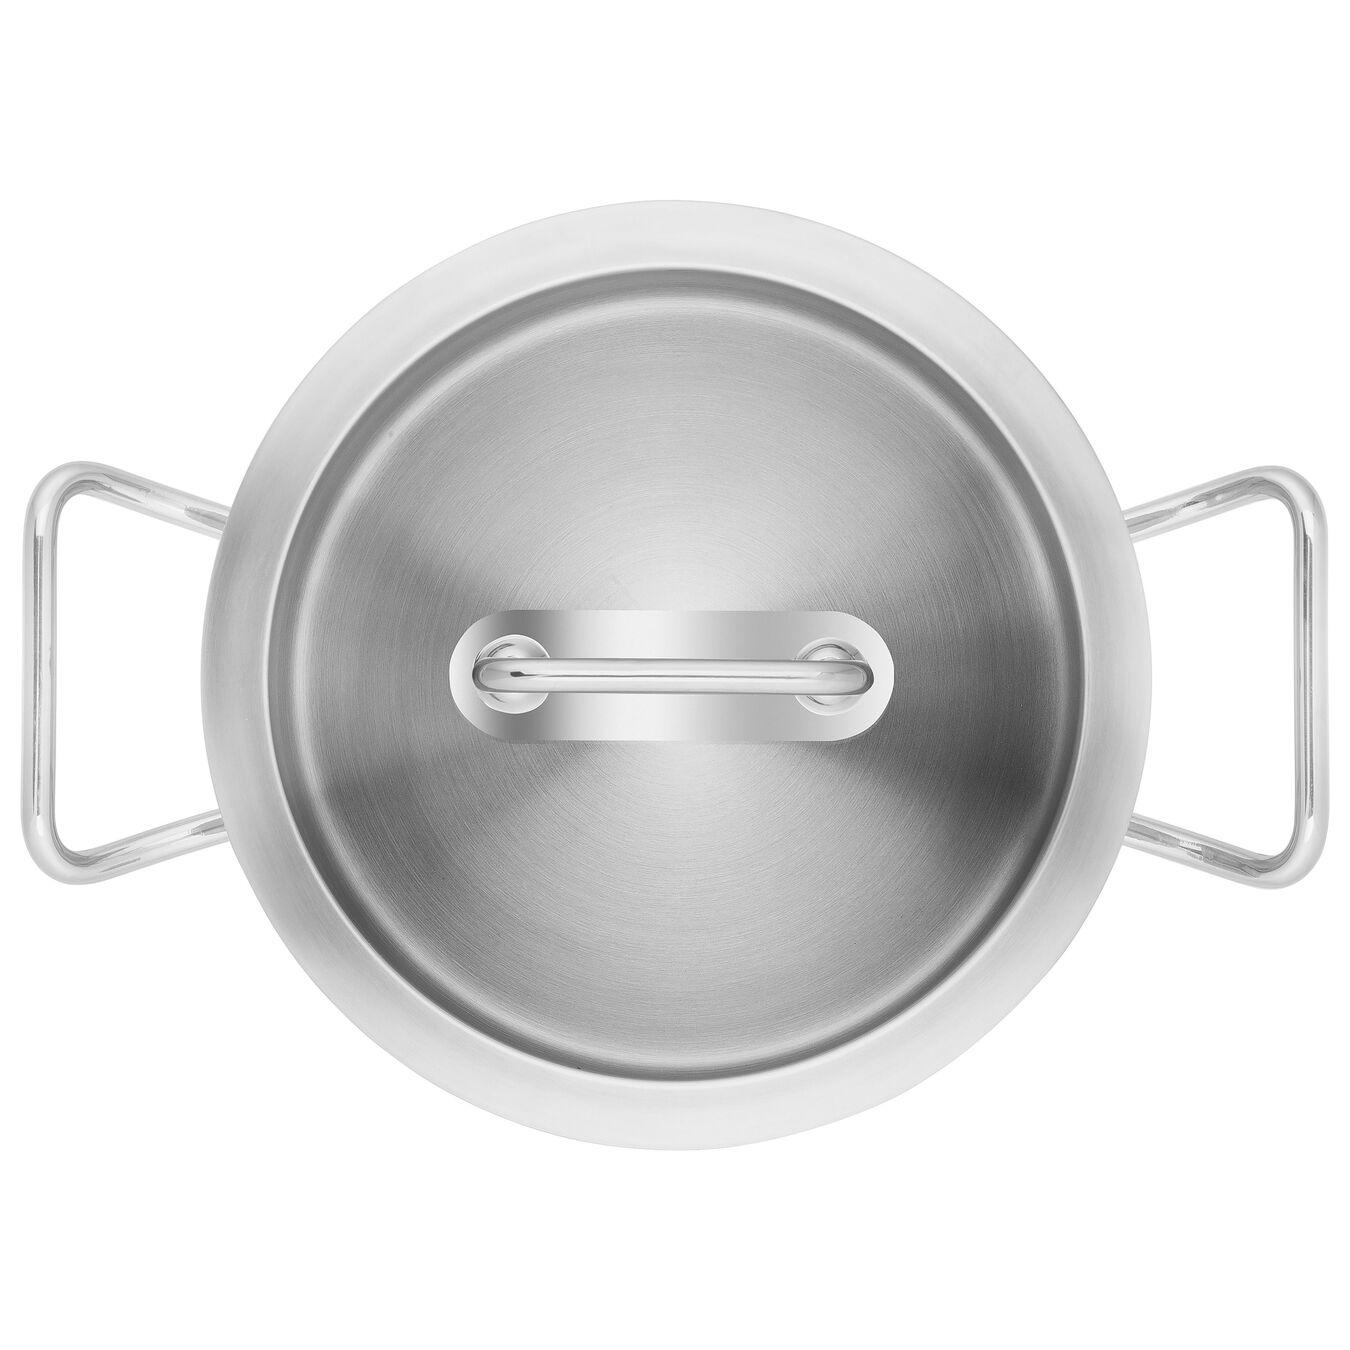 Servierpfanne, 24 cm | rund,,large 3